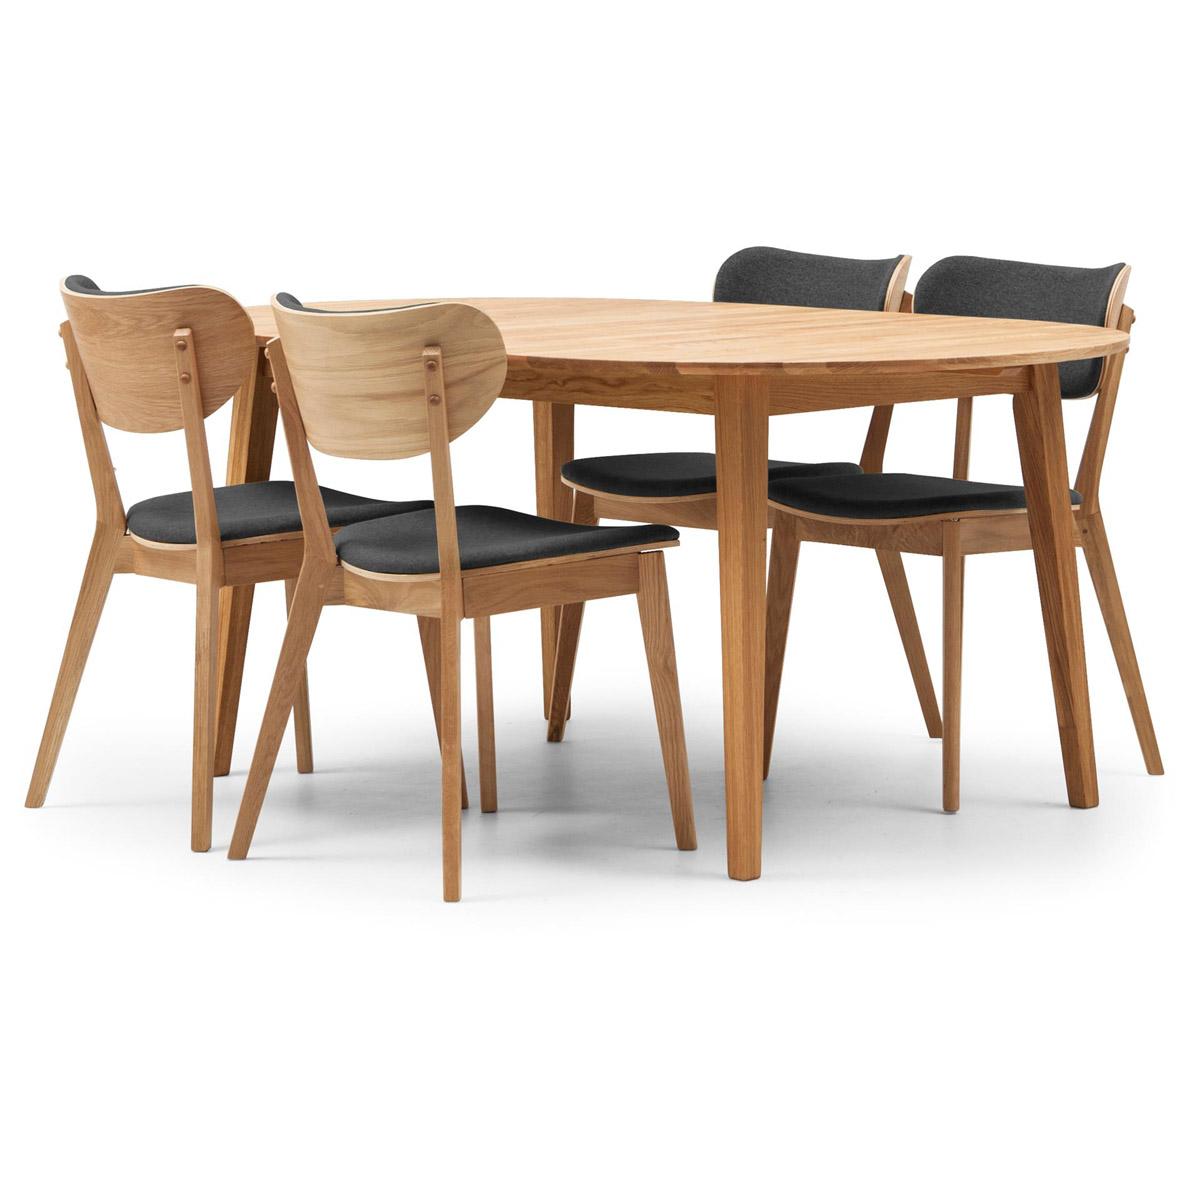 Vasa ovalt matbord ek 170 med 4 stolar Clara ek/grå